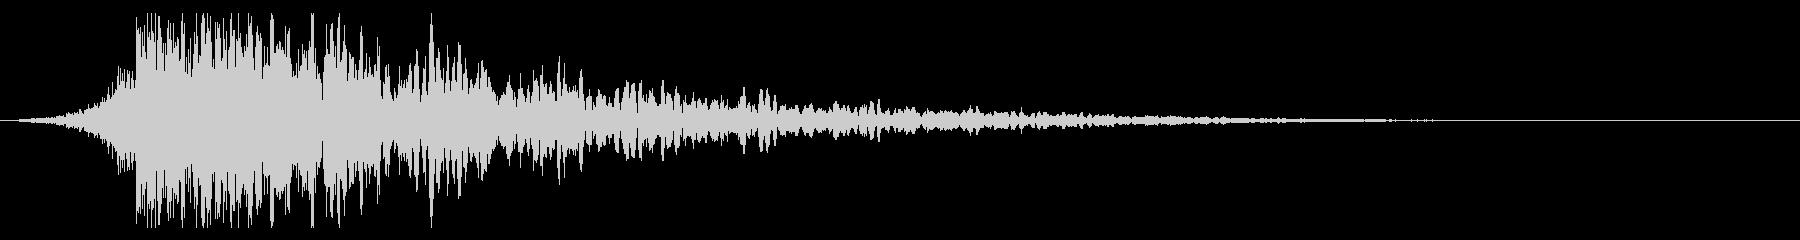 シュードーン-46-1(インパクト音)の未再生の波形